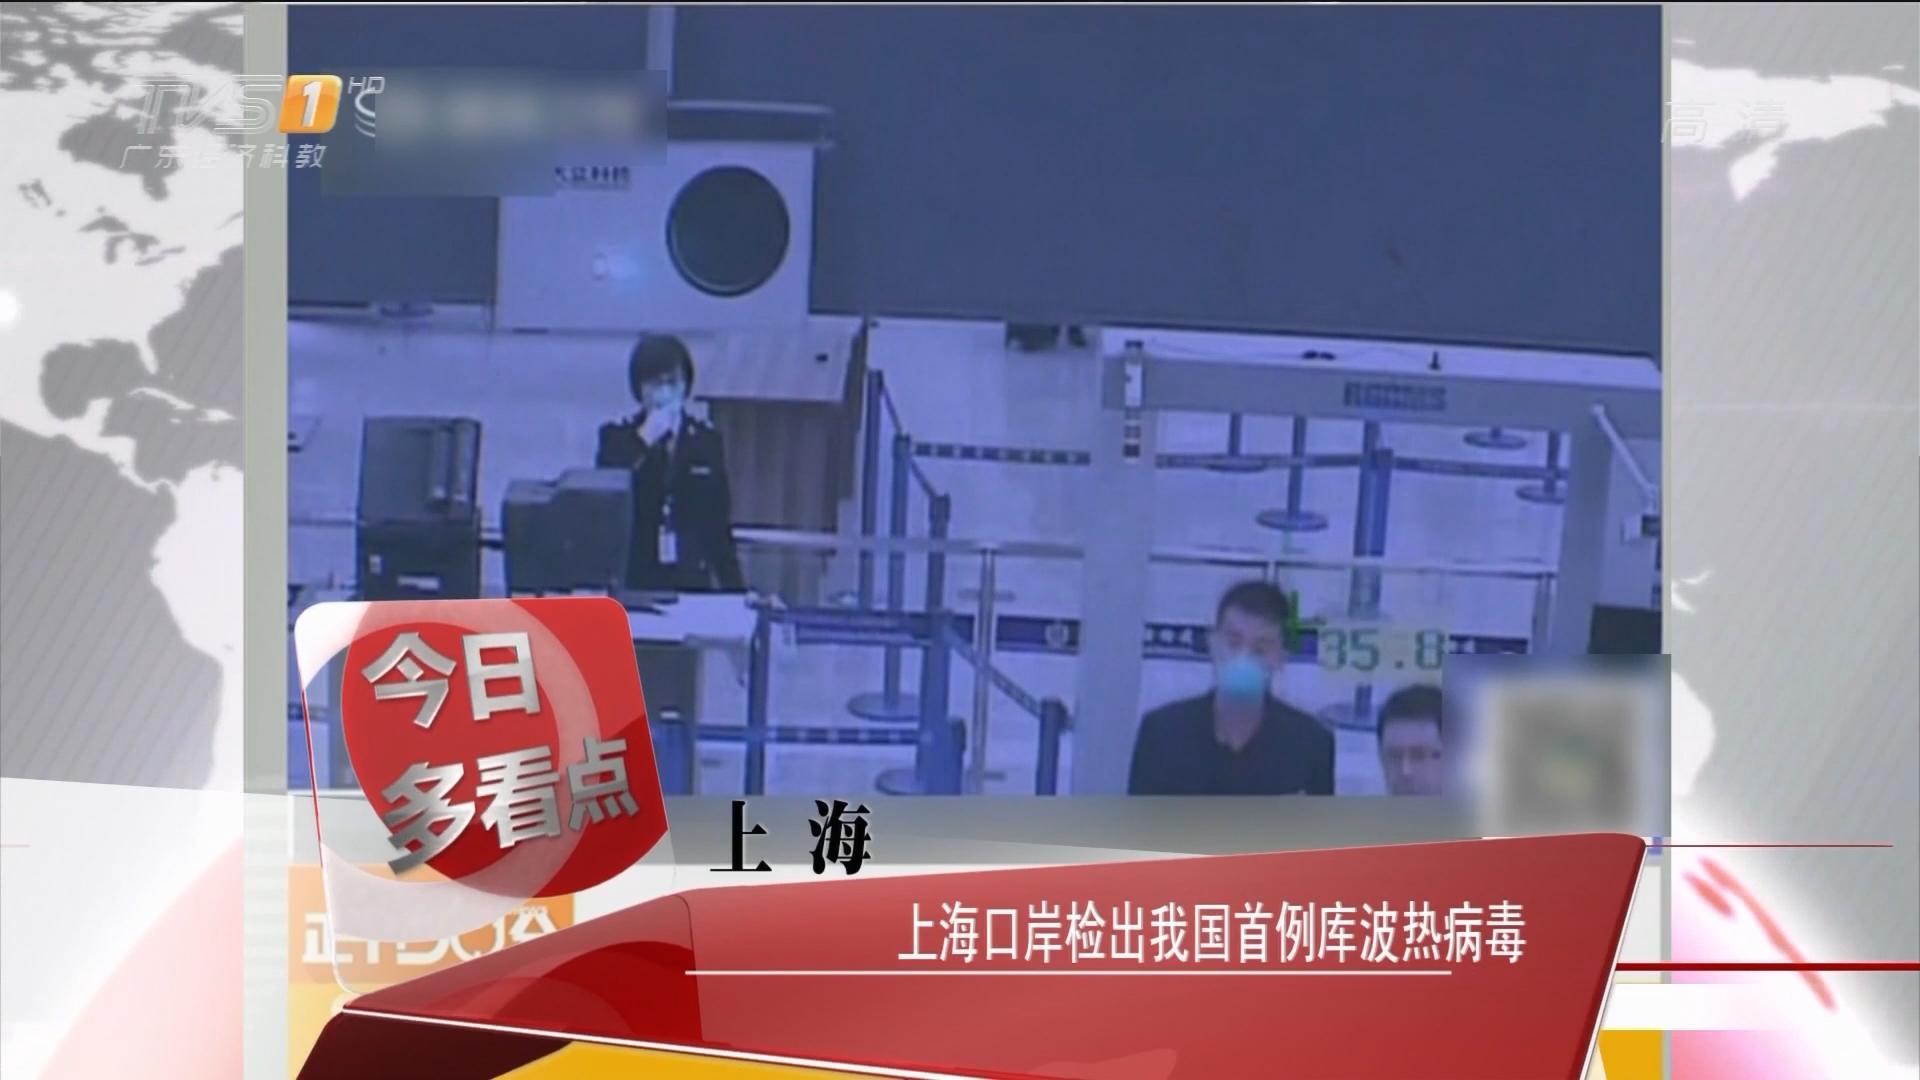 上海:上海口岸检出我国首例库波热病毒